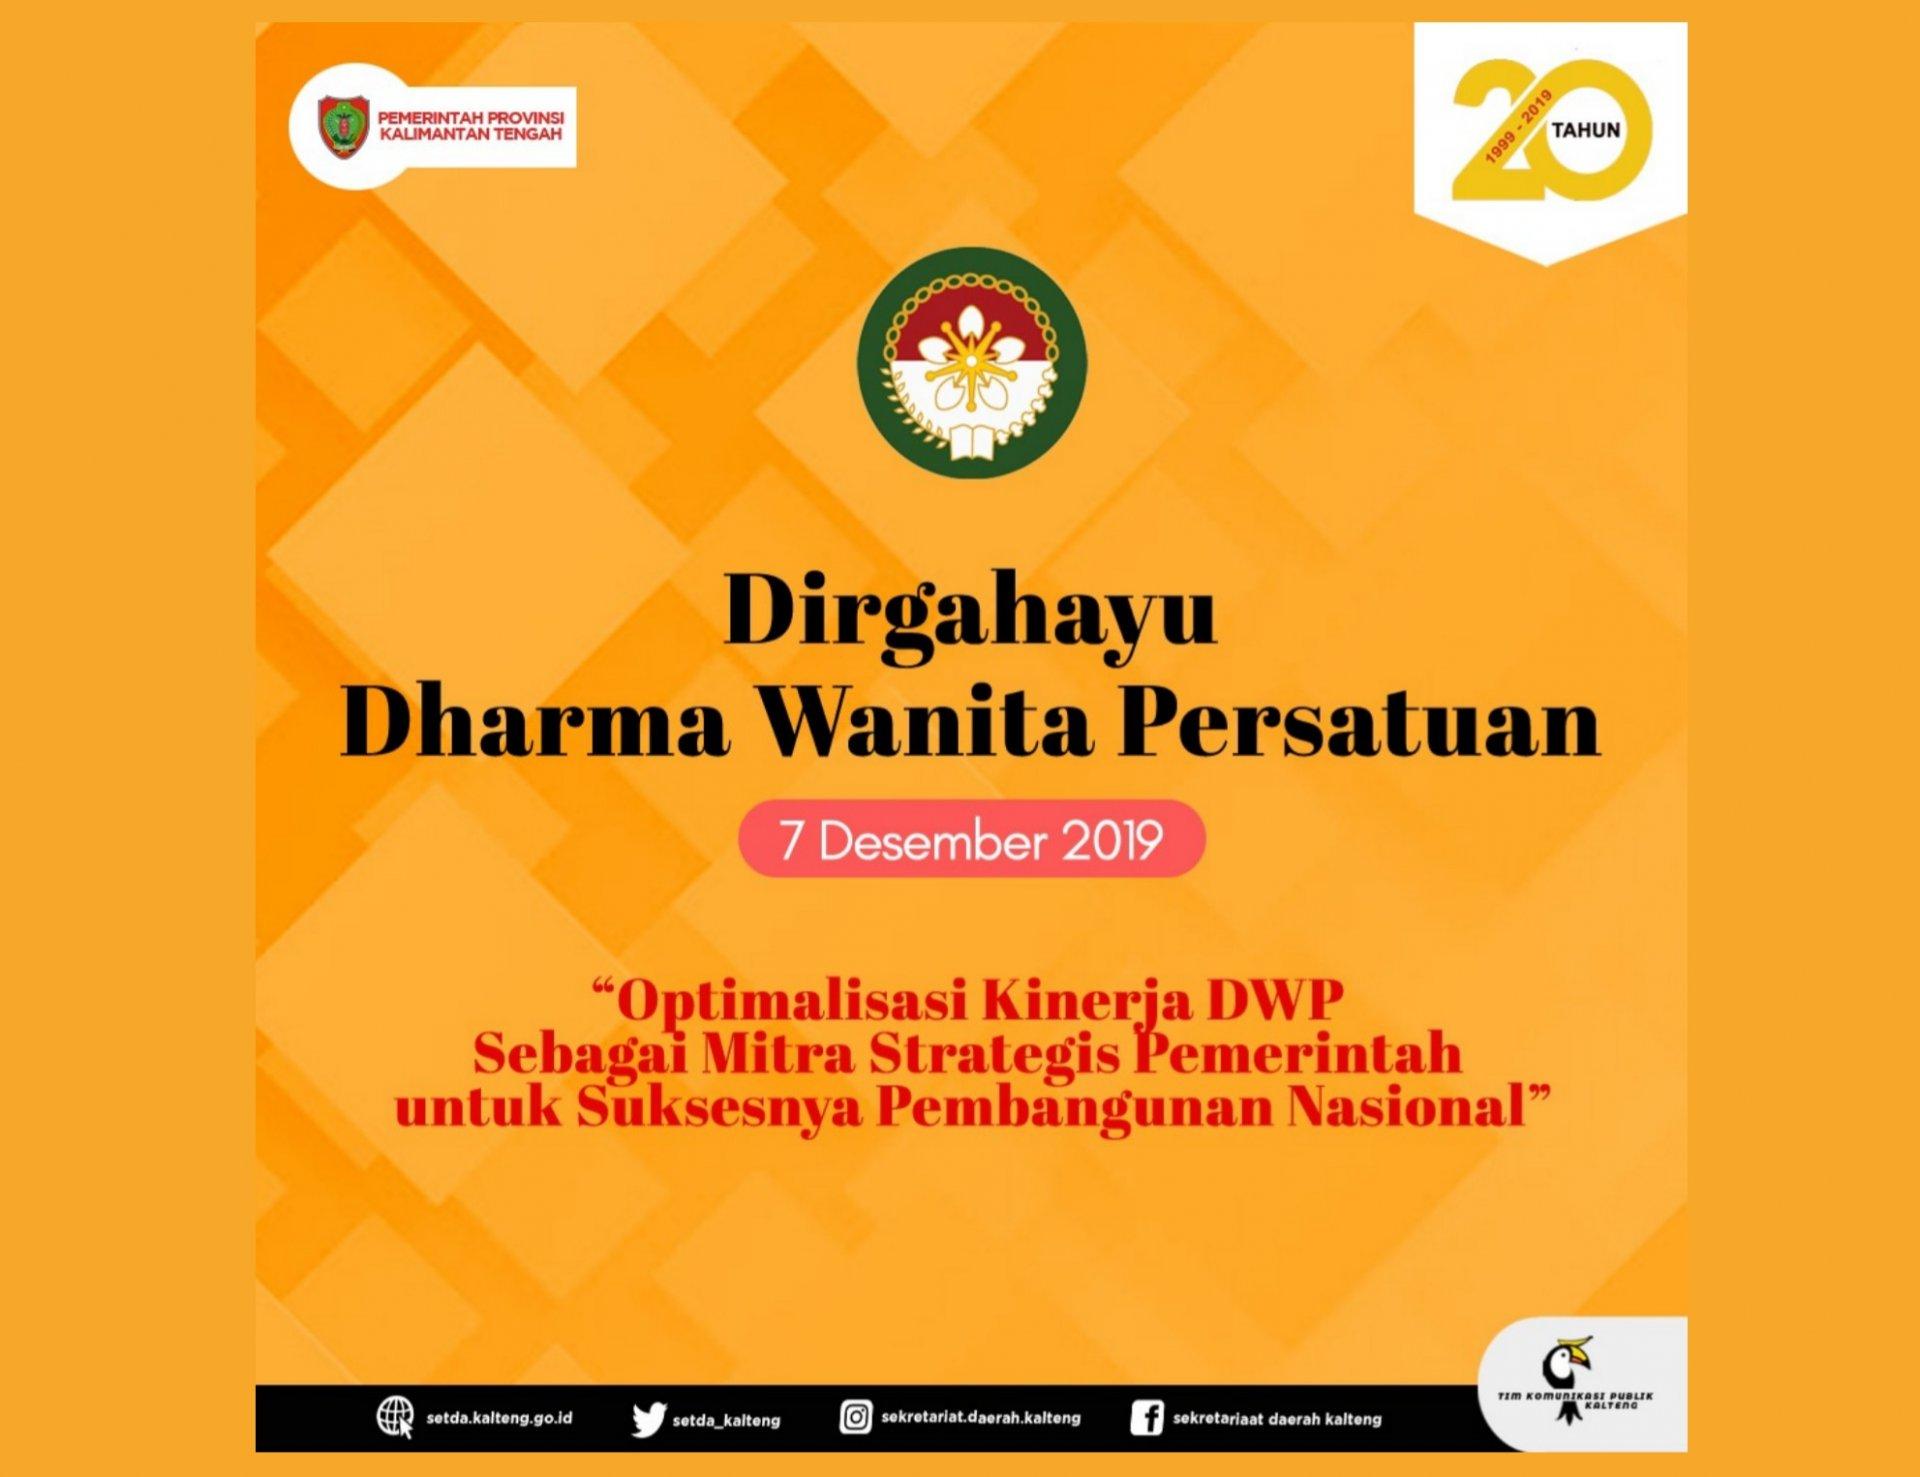 Selamat Hari Ulang Tahun ke-20 Dharma Wanita Persatuan